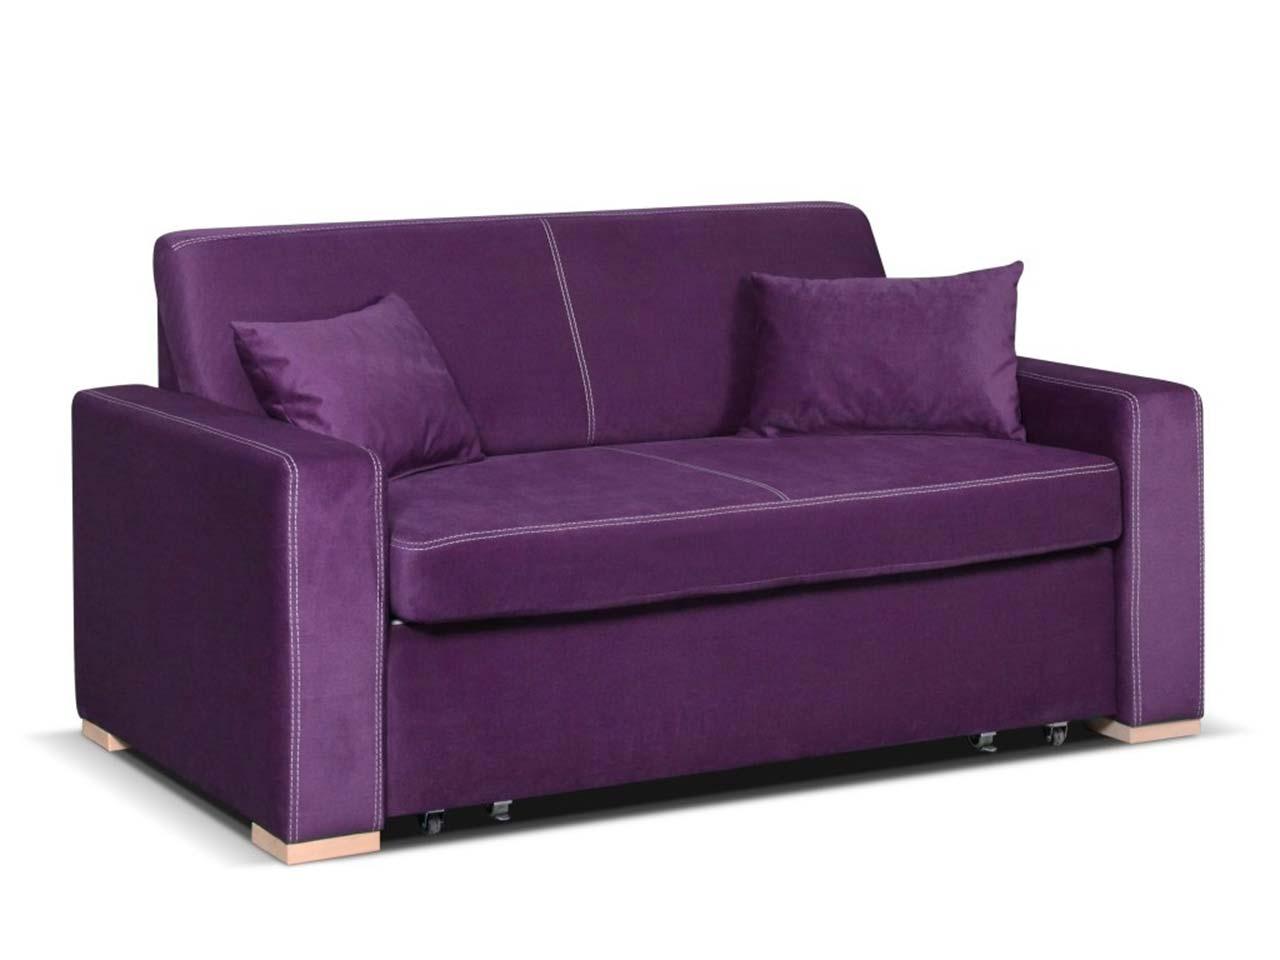 Sofa Paco Rozkładana 2 Osobowa Do Salonu Meblomar Sklep Meblowy